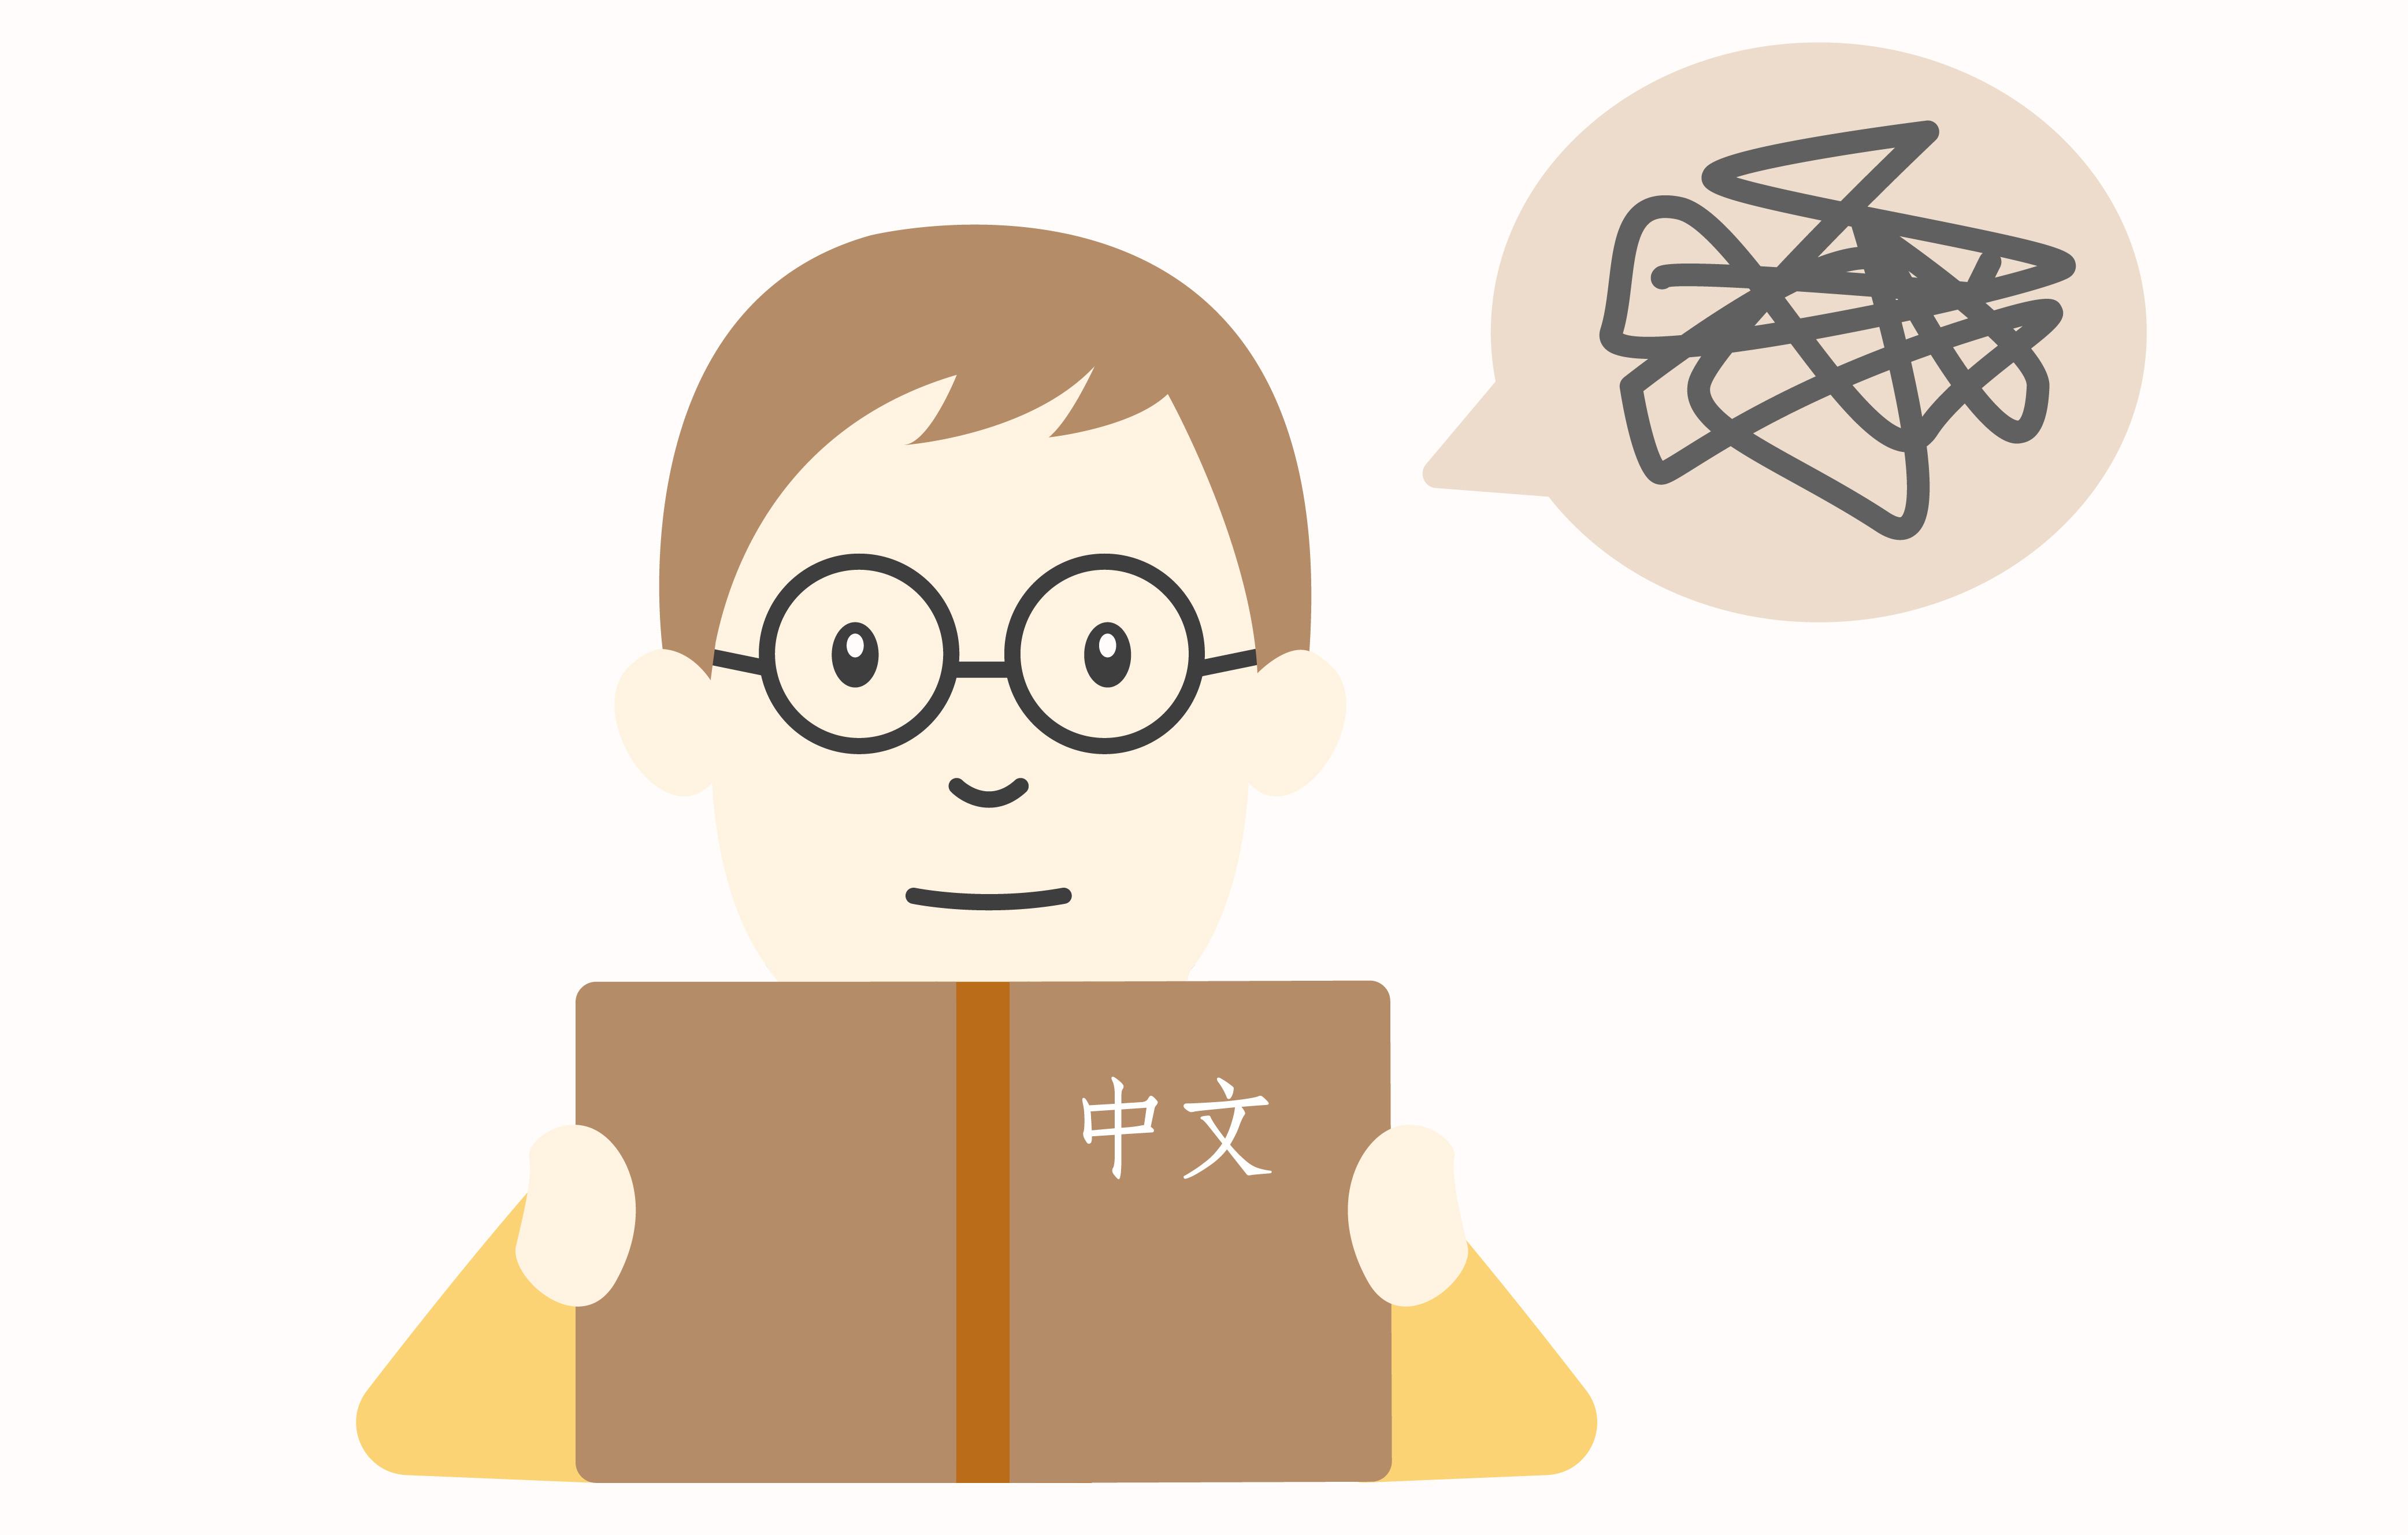 """中文學習對於許多外國人來說是件艱難任務,坊間甚至流傳一則網路謠言,假藉聯合國教科文組織名義,把中文封為「最難學習的語言」。雖然實際上聯合國不曾做過這份調查,但以 """"the hardest language to learn"""" 為關鍵字,的確可以找到許多嚴謹程度不一的心得或資料,支持這個論點,例如這份和這份資料。 圖說設計│黃楷元、張語辰"""